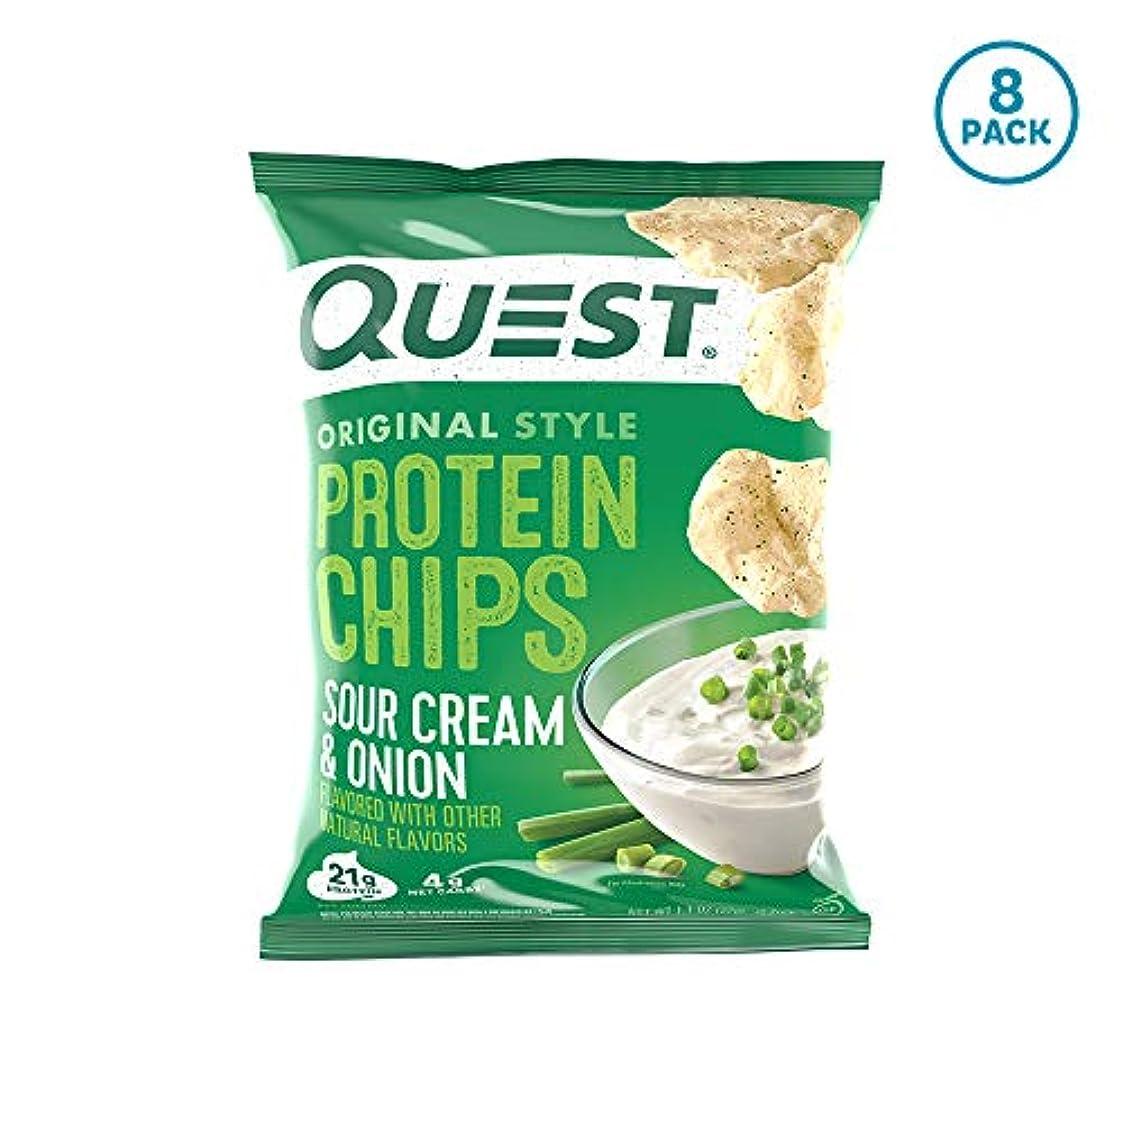 思慮深い錆びミトンプロテイン チップス サワークリーム&オニオン フレイバー クエスト 8袋セット 並行輸入品 Quest Nutrition Protein Chips Sour Cream & Onion Pack of 8 海外直送品